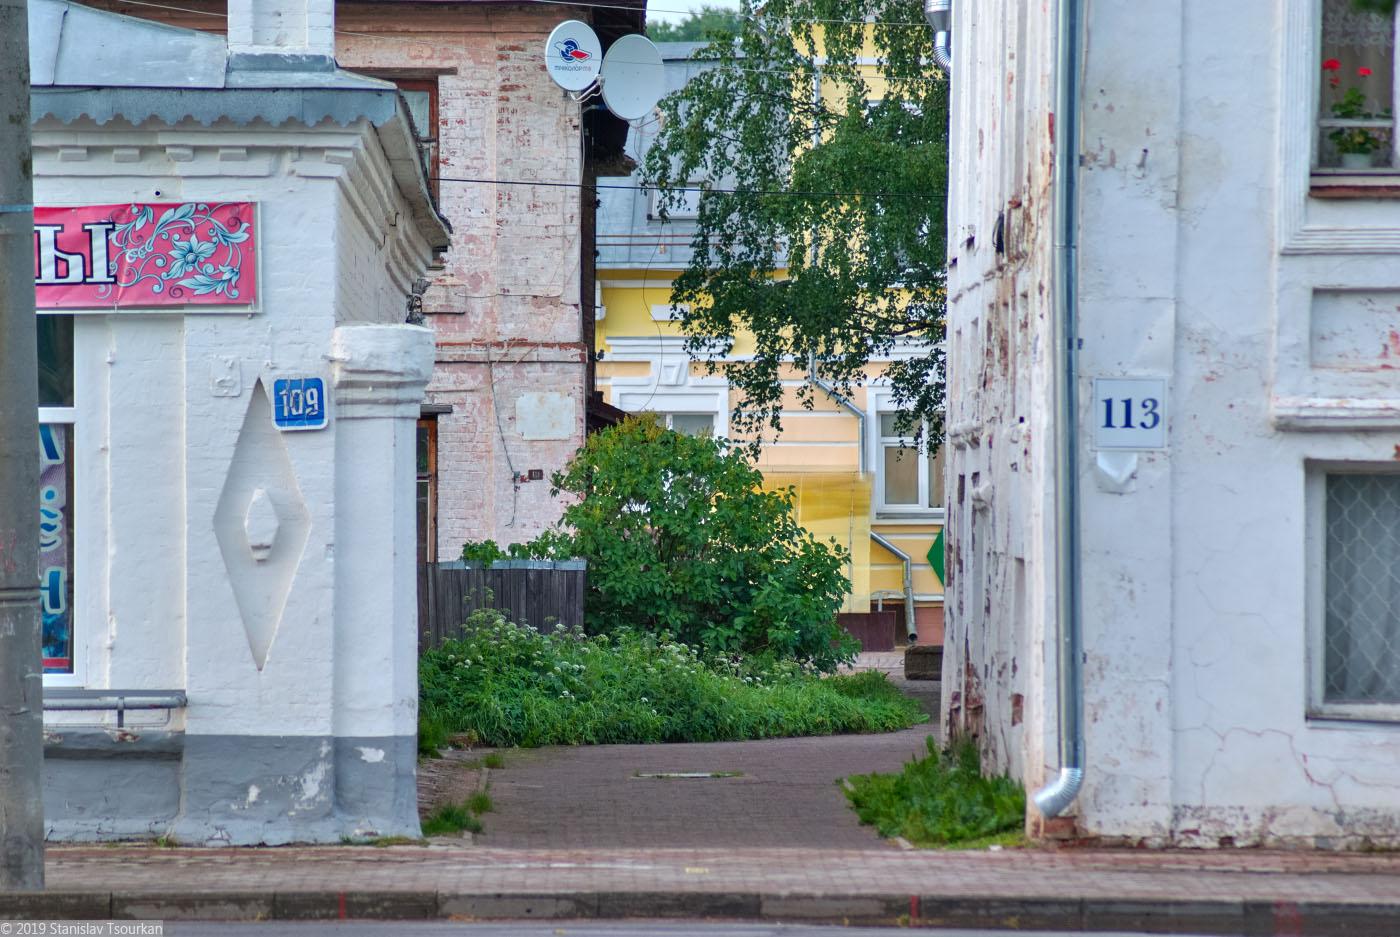 Вологодская область, Вологодчина, Великий Устюг, Русский север, Ы, Советский проспект